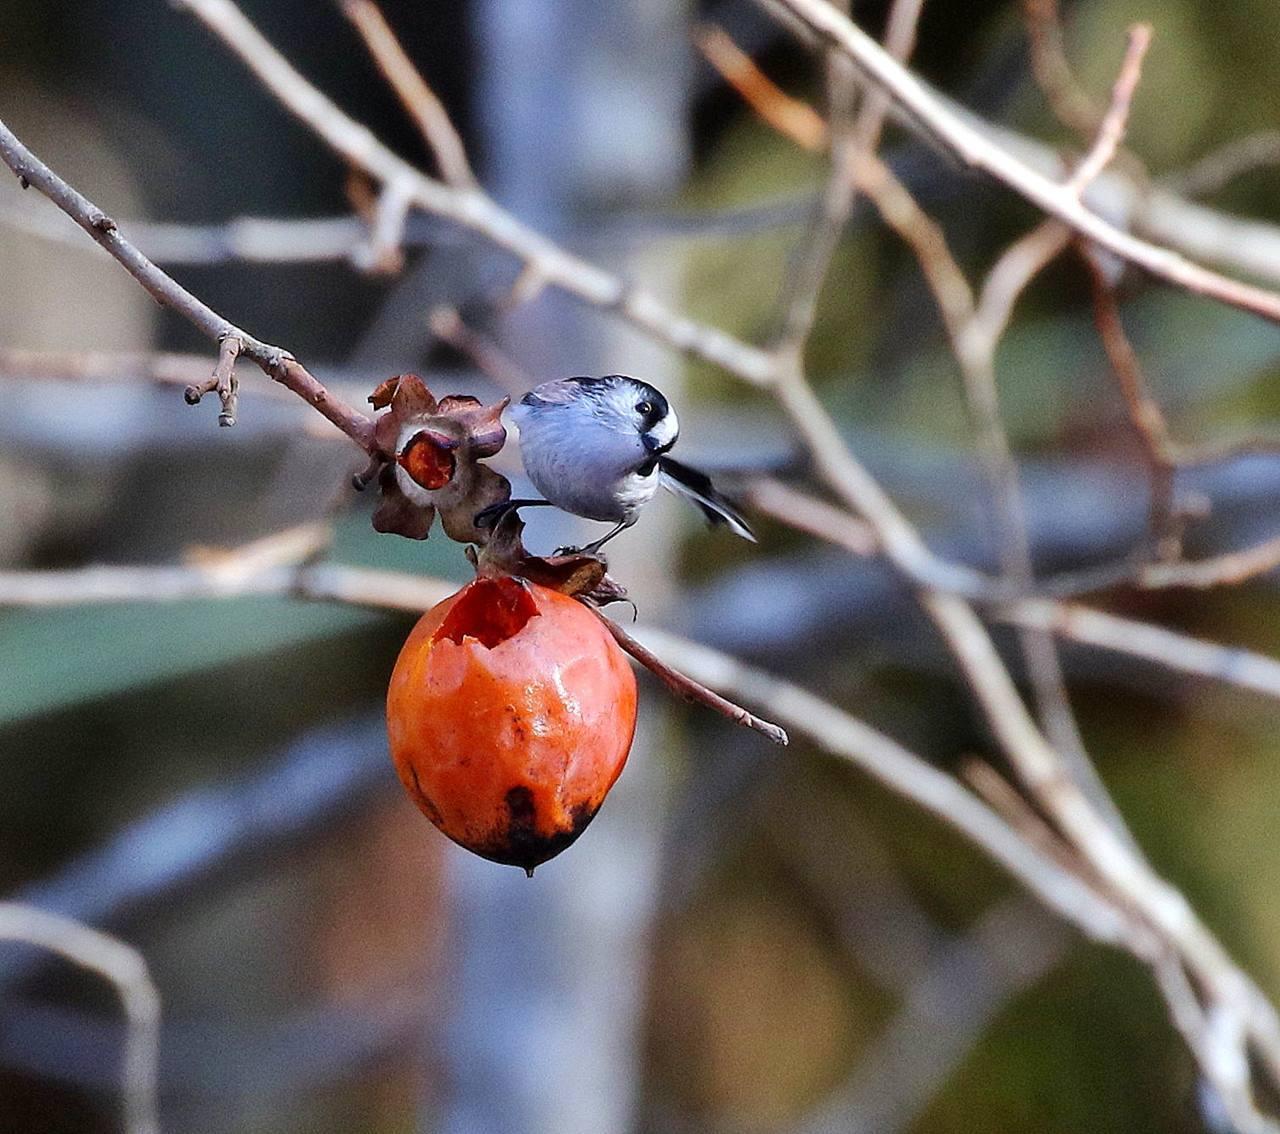 熟れた柿にやって来た野鳥たち・・・_c0213607_22053331.jpg